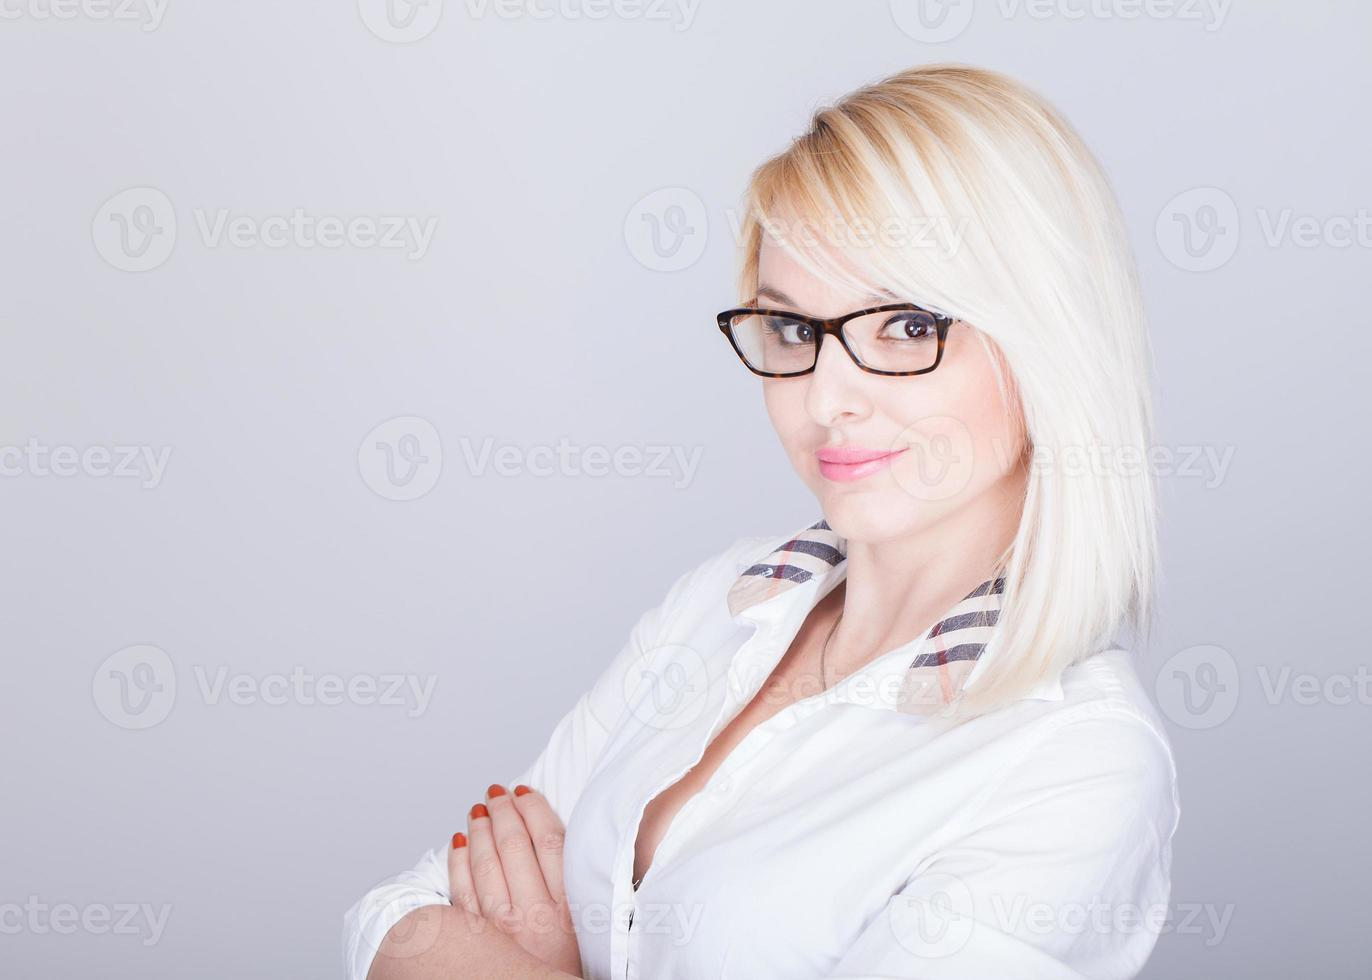 junge attraktive Frau in Nerd-Brille und Button-Down-Shirt foto